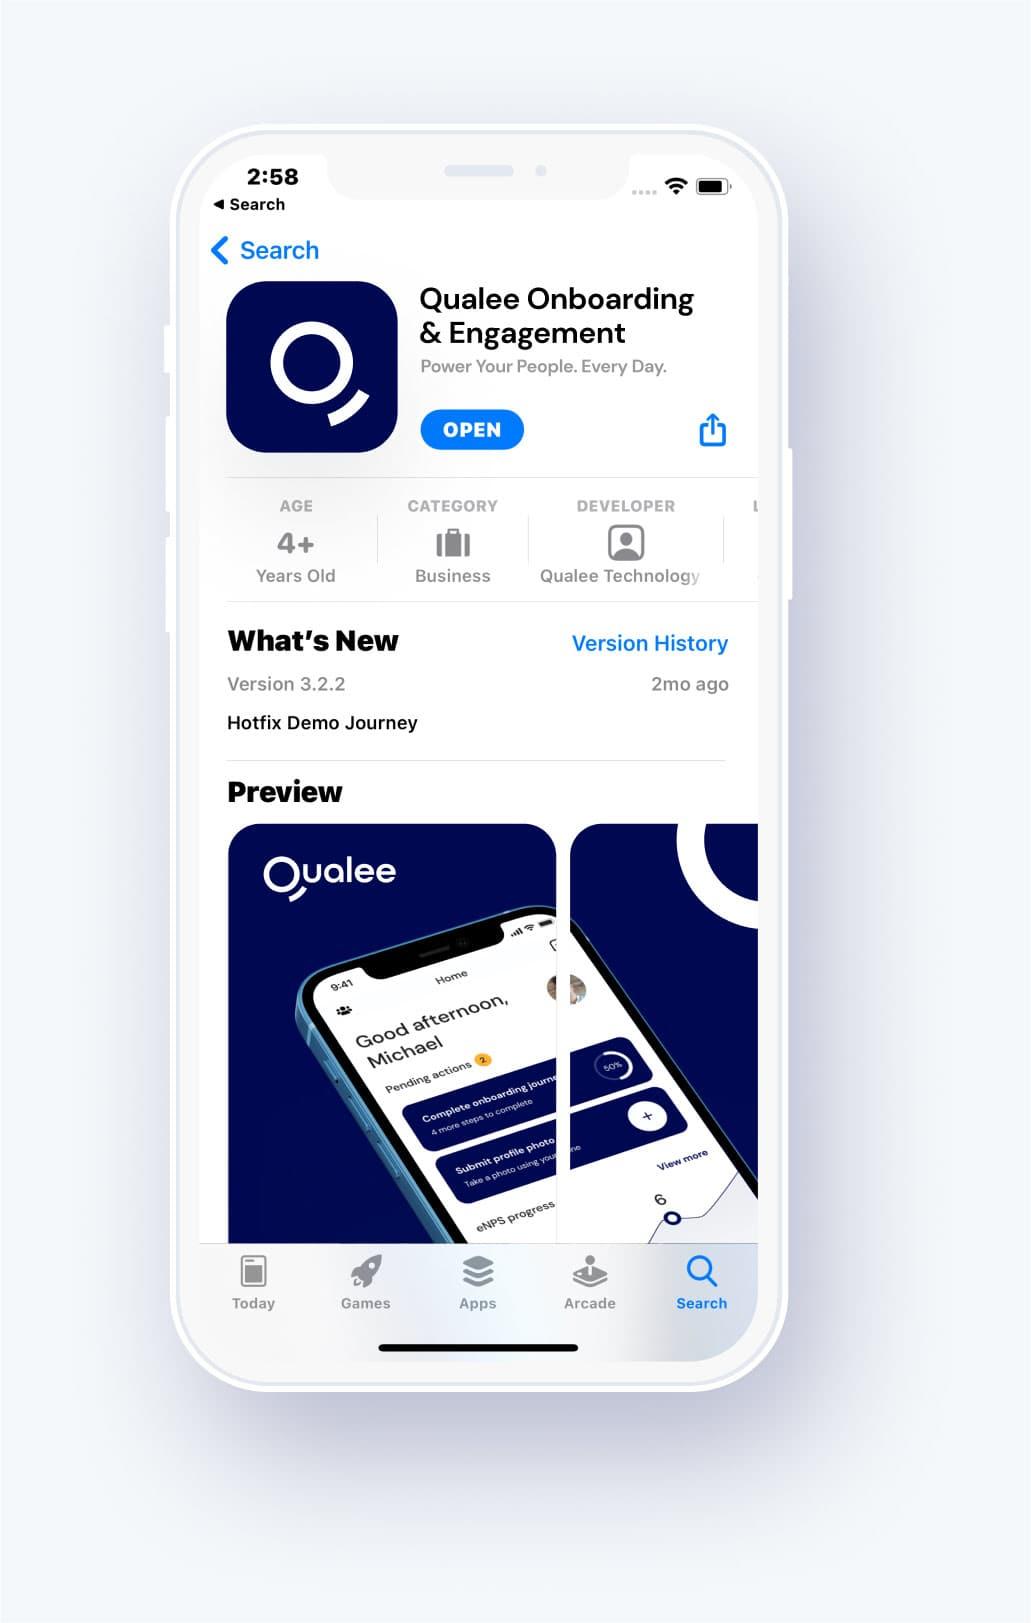 従業員のオンボーディングアプリ - モバイルファーストのプラットフォーム